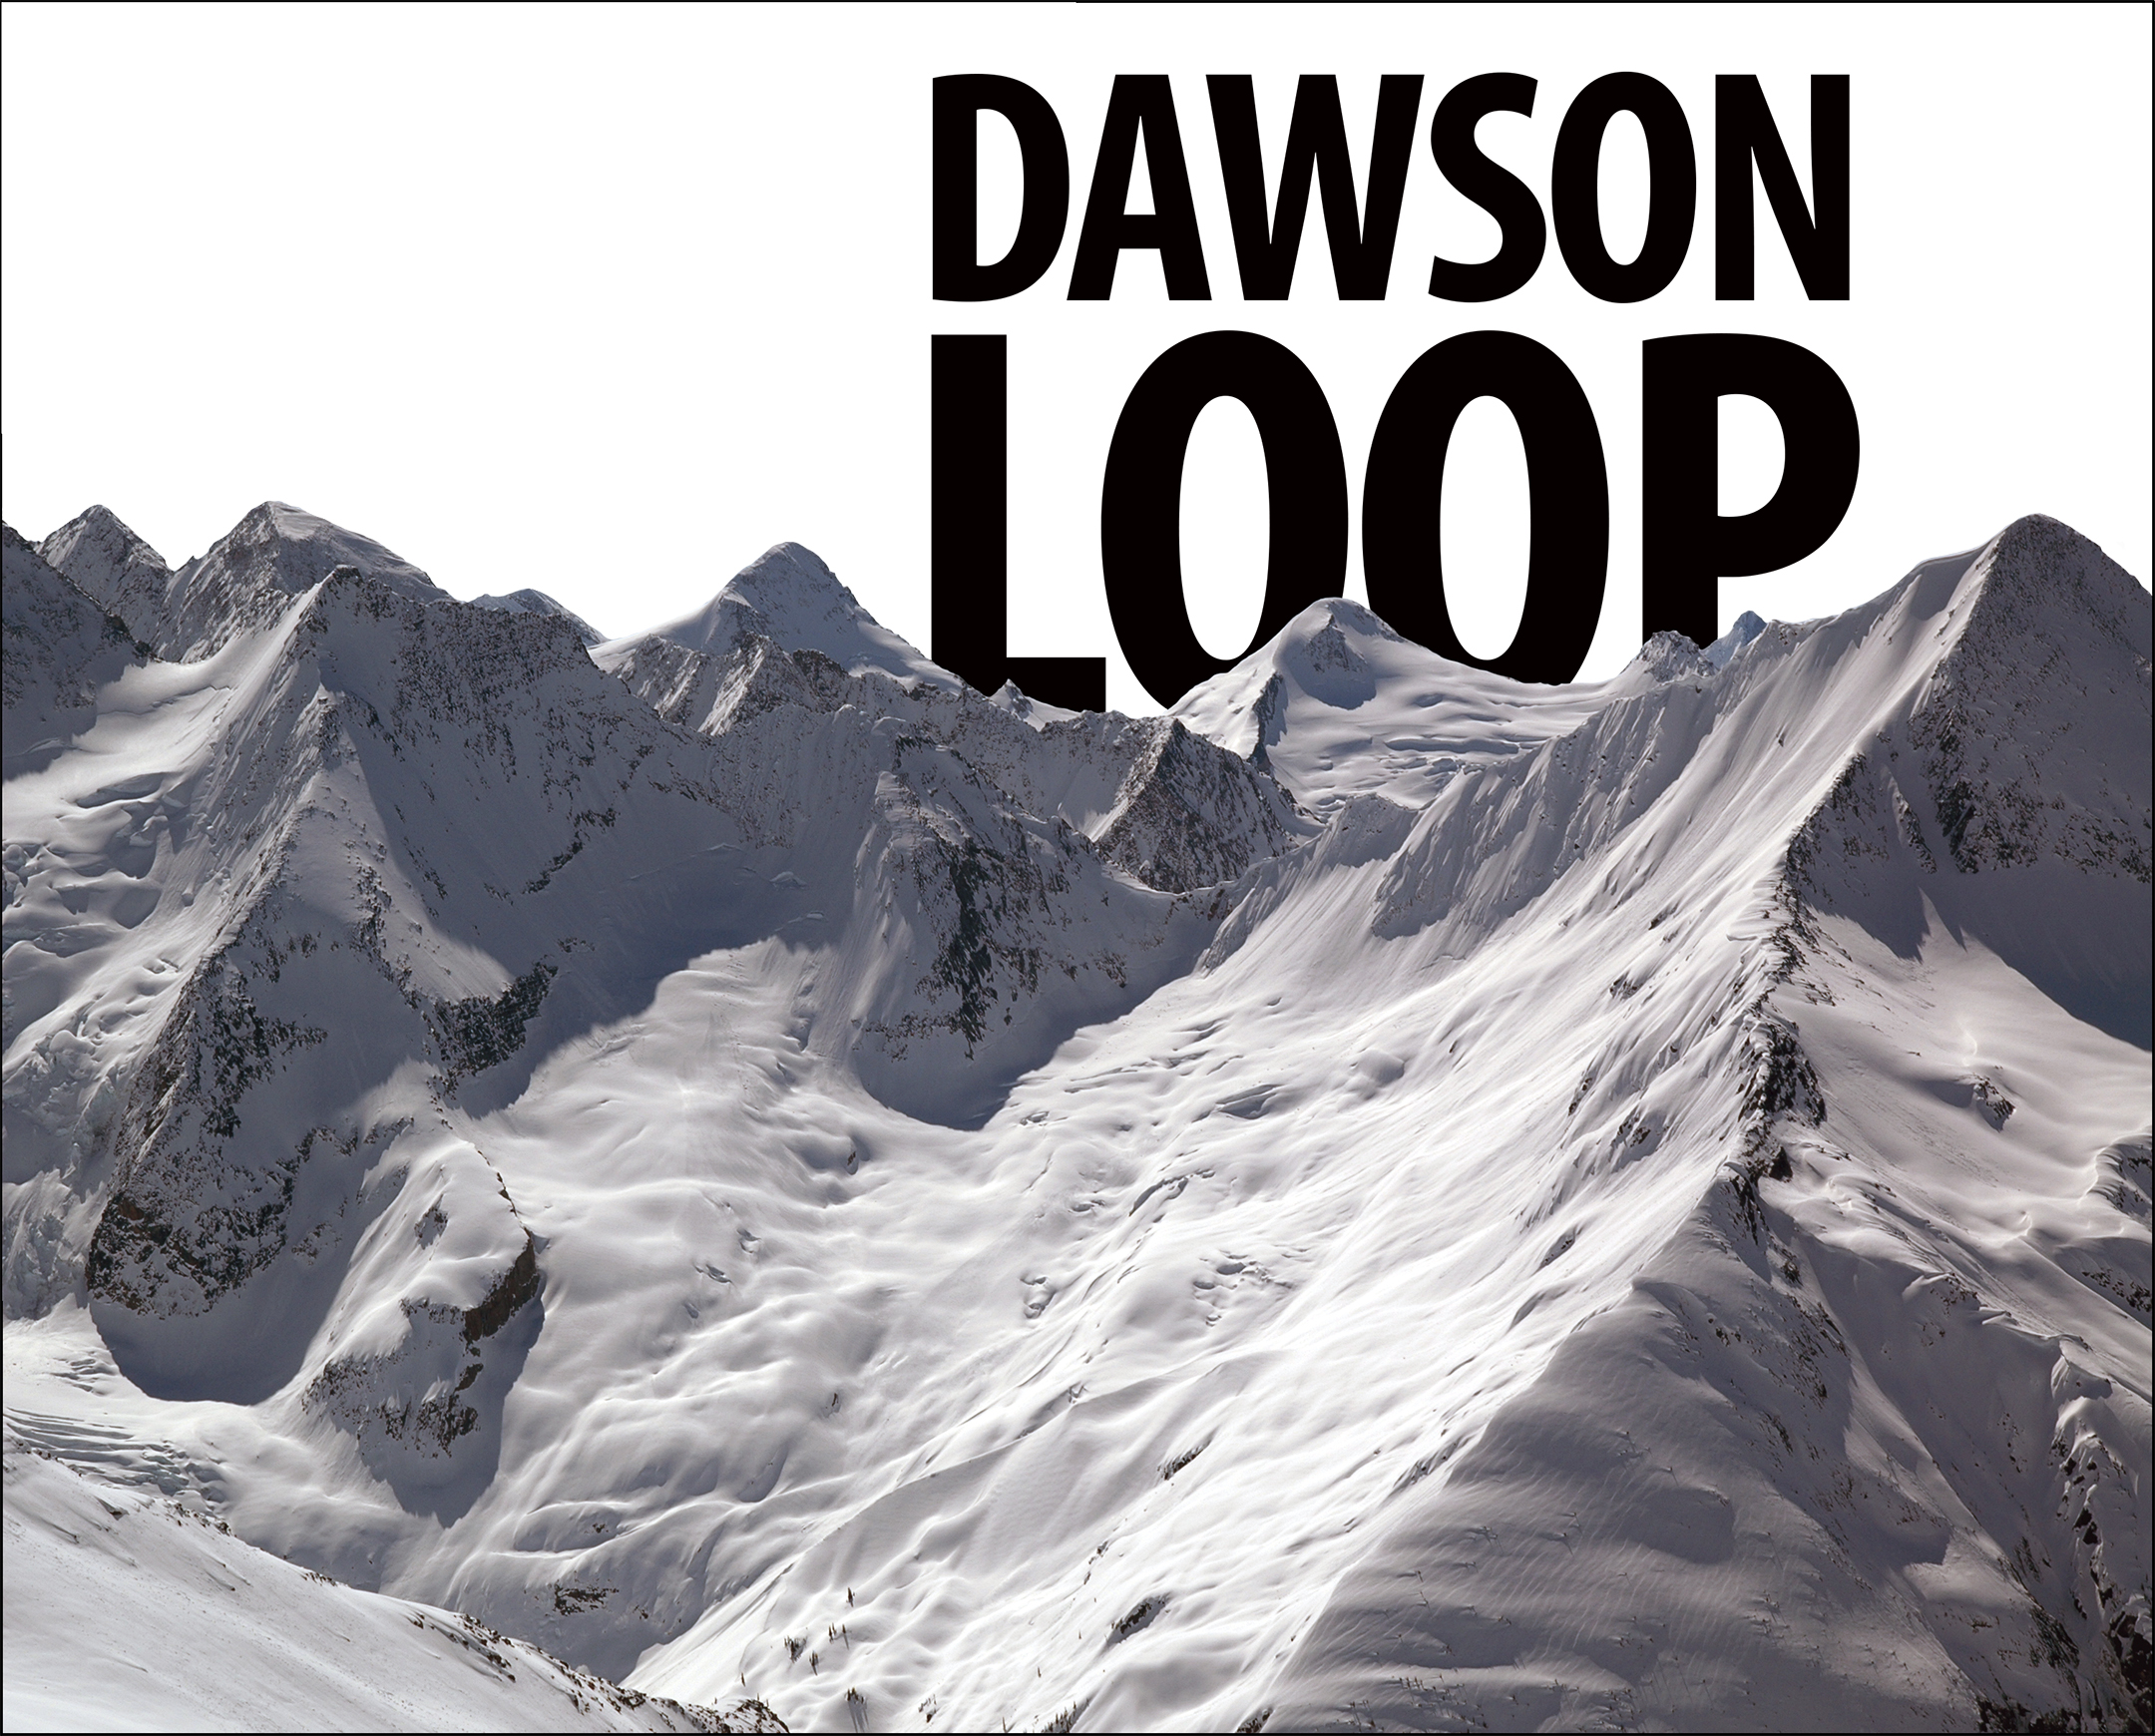 dawson_traverse_cover_2.jpg